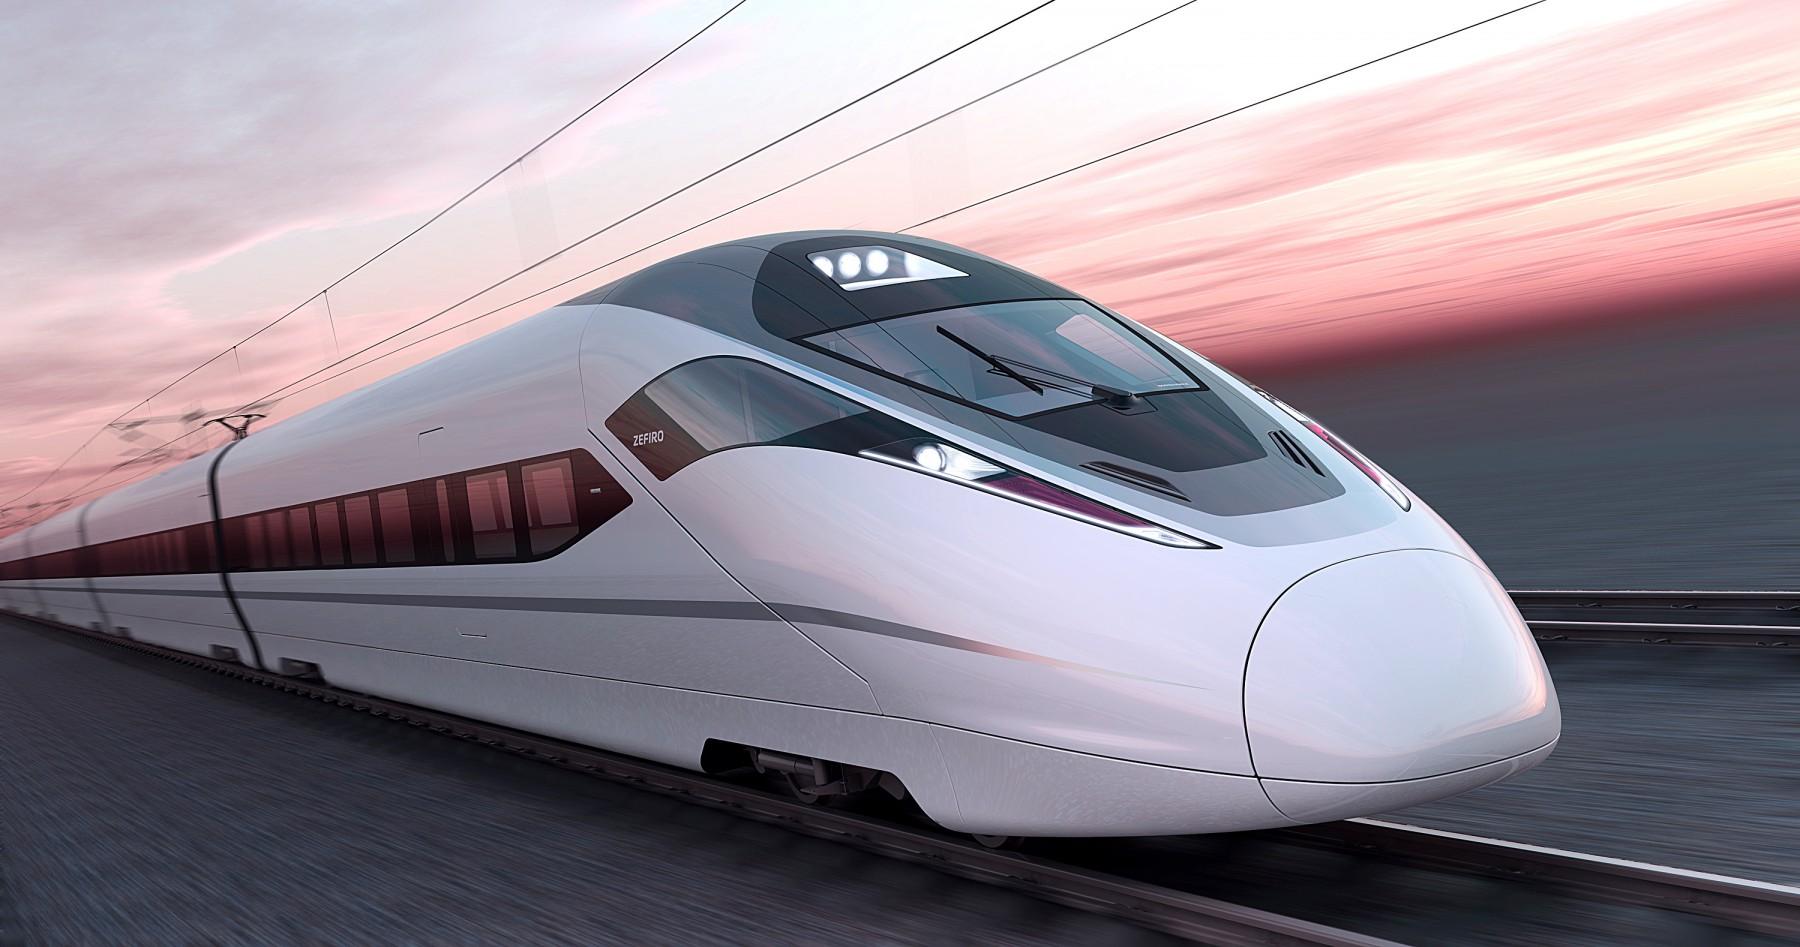 Современное состояние железнодорожного транспорта в 21 веке